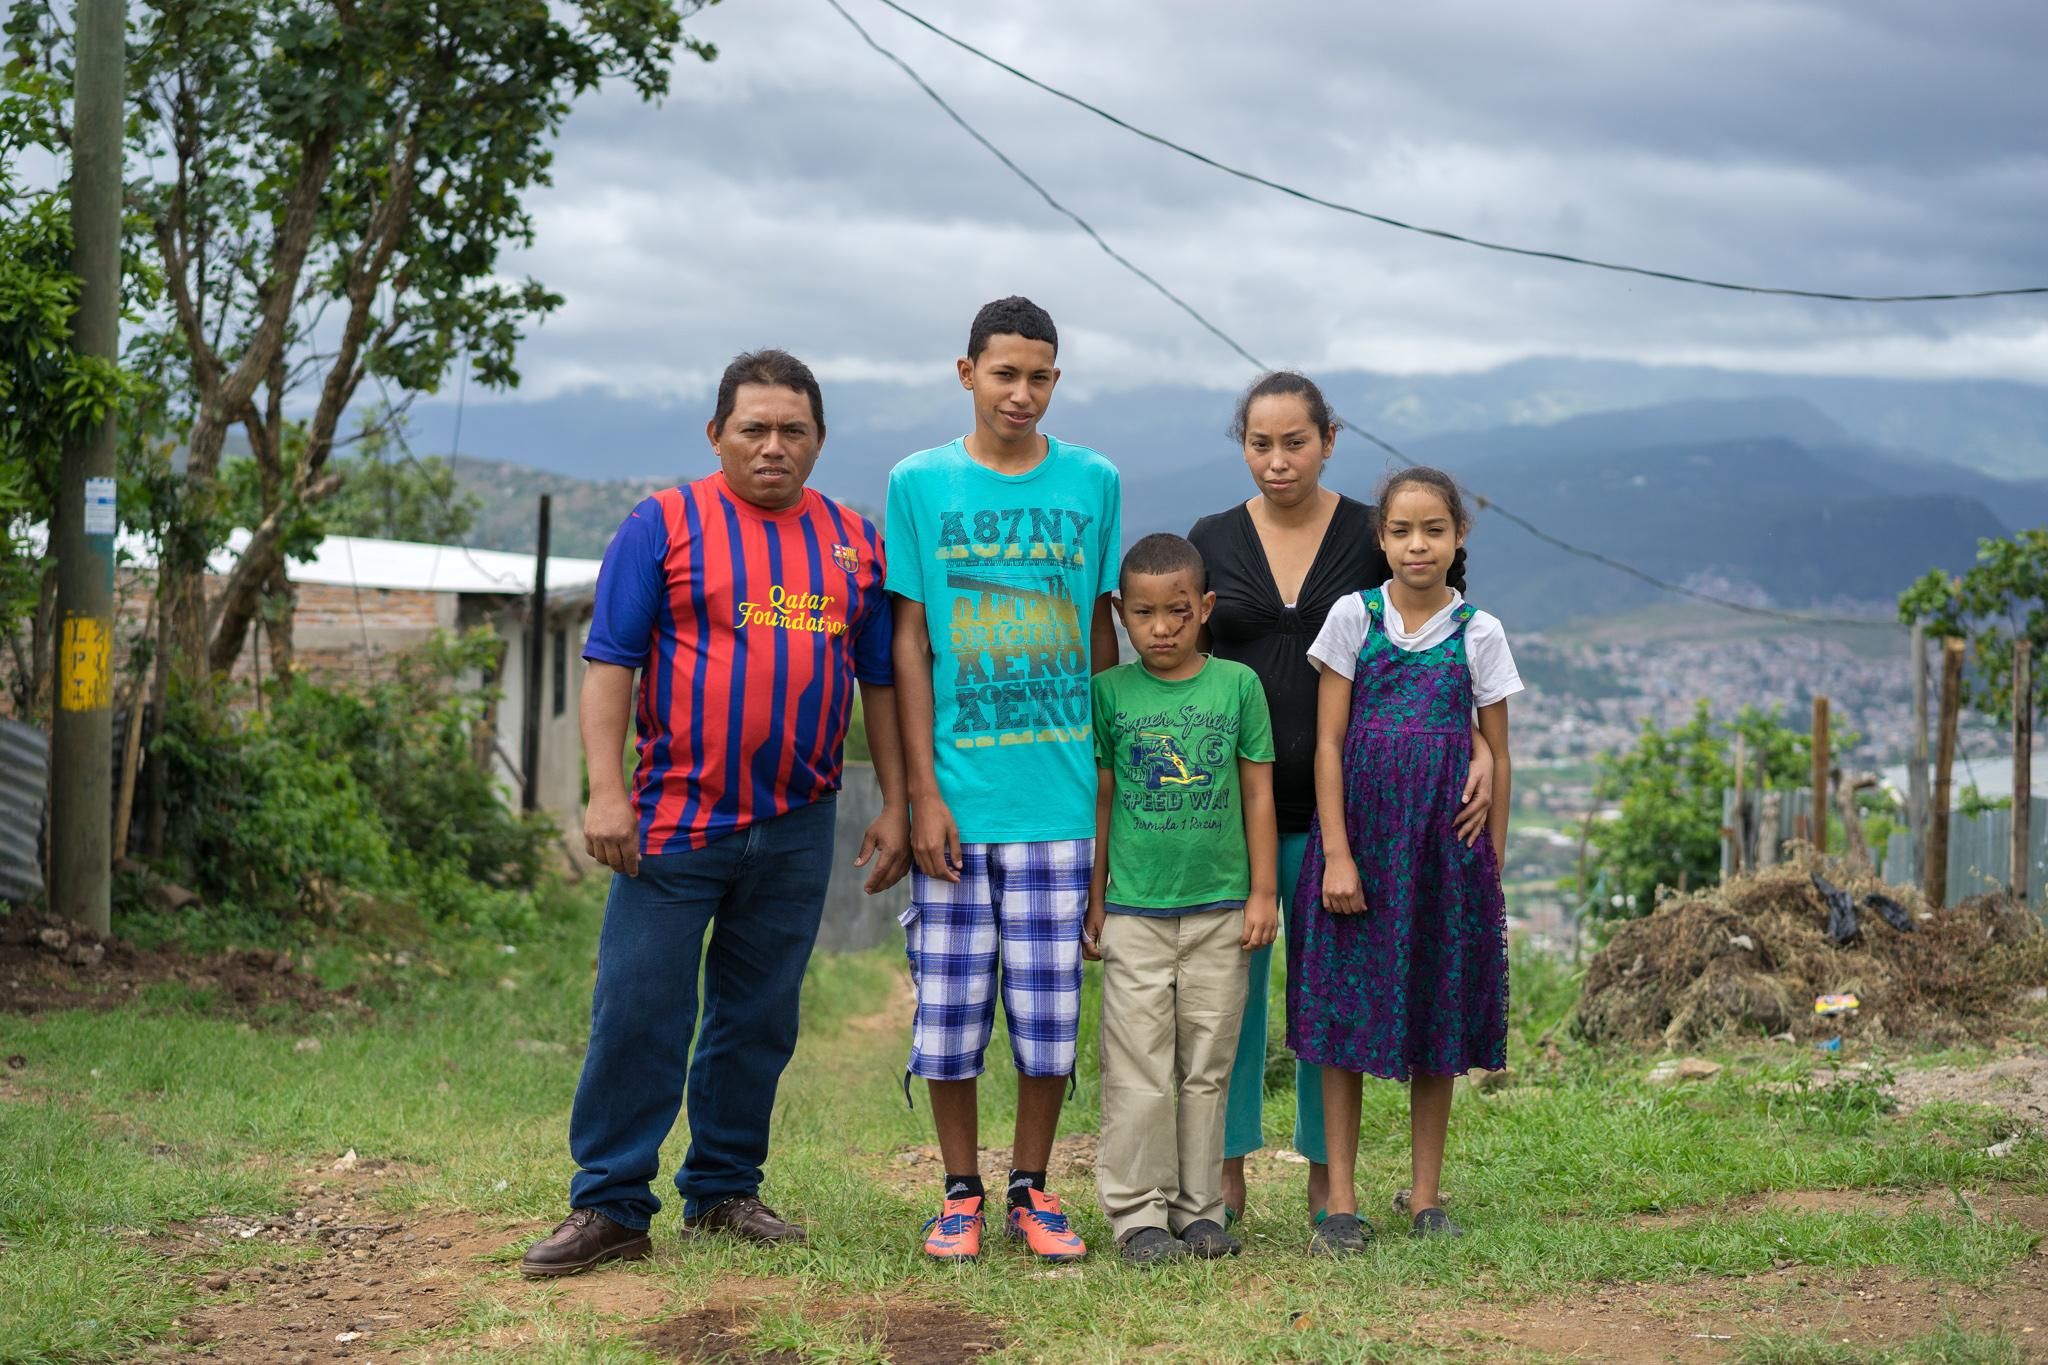 Family posing for photo (Thomas Cristofoletti for USAID)